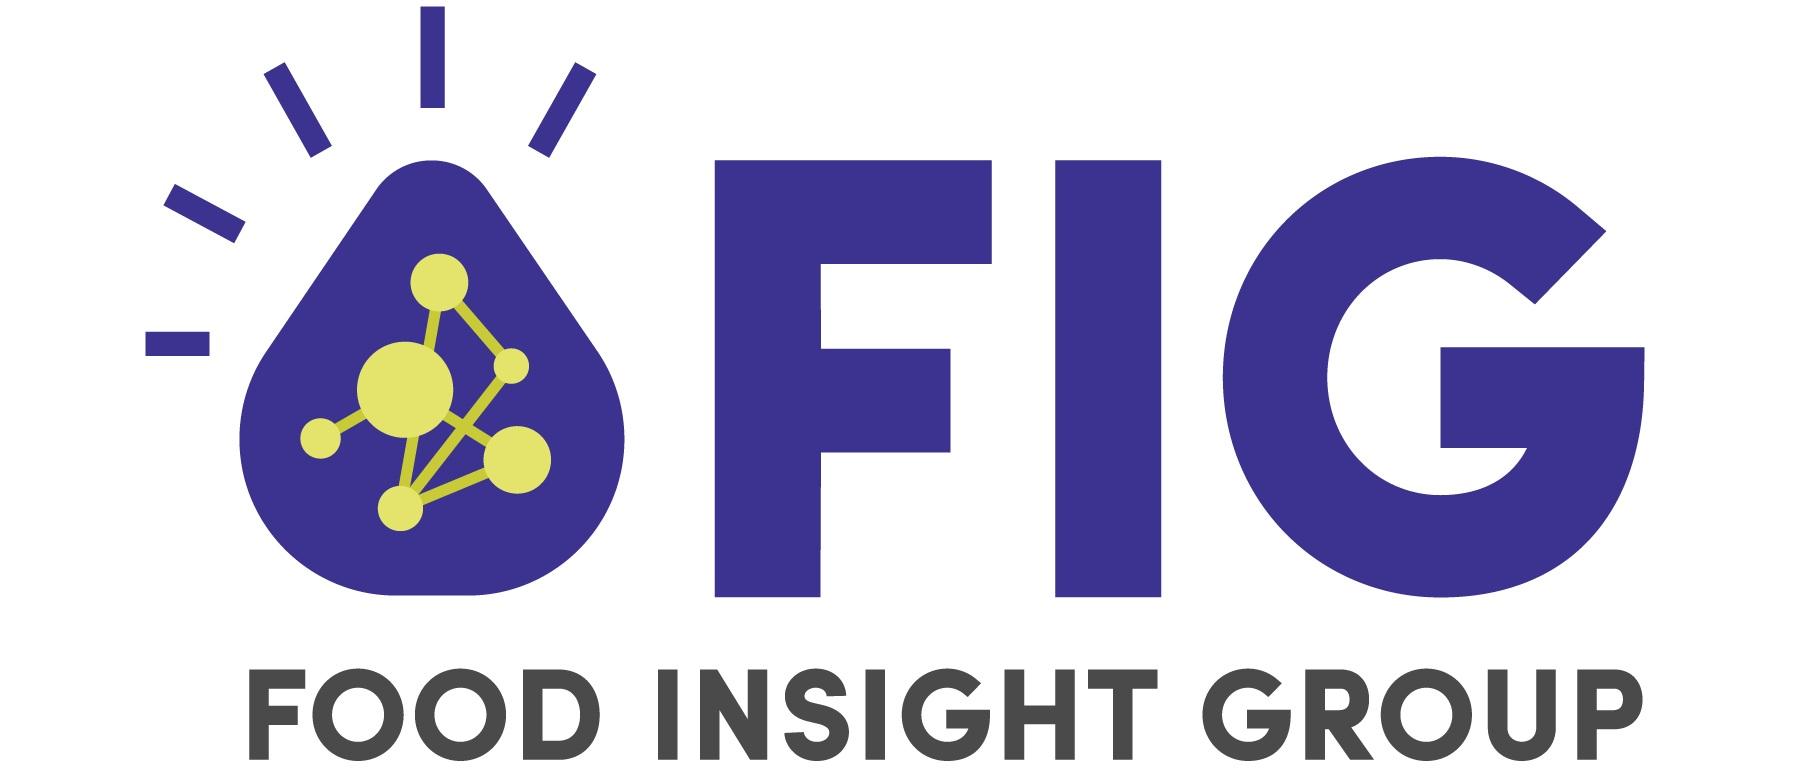 Logo_Primary_Full+color.jpg